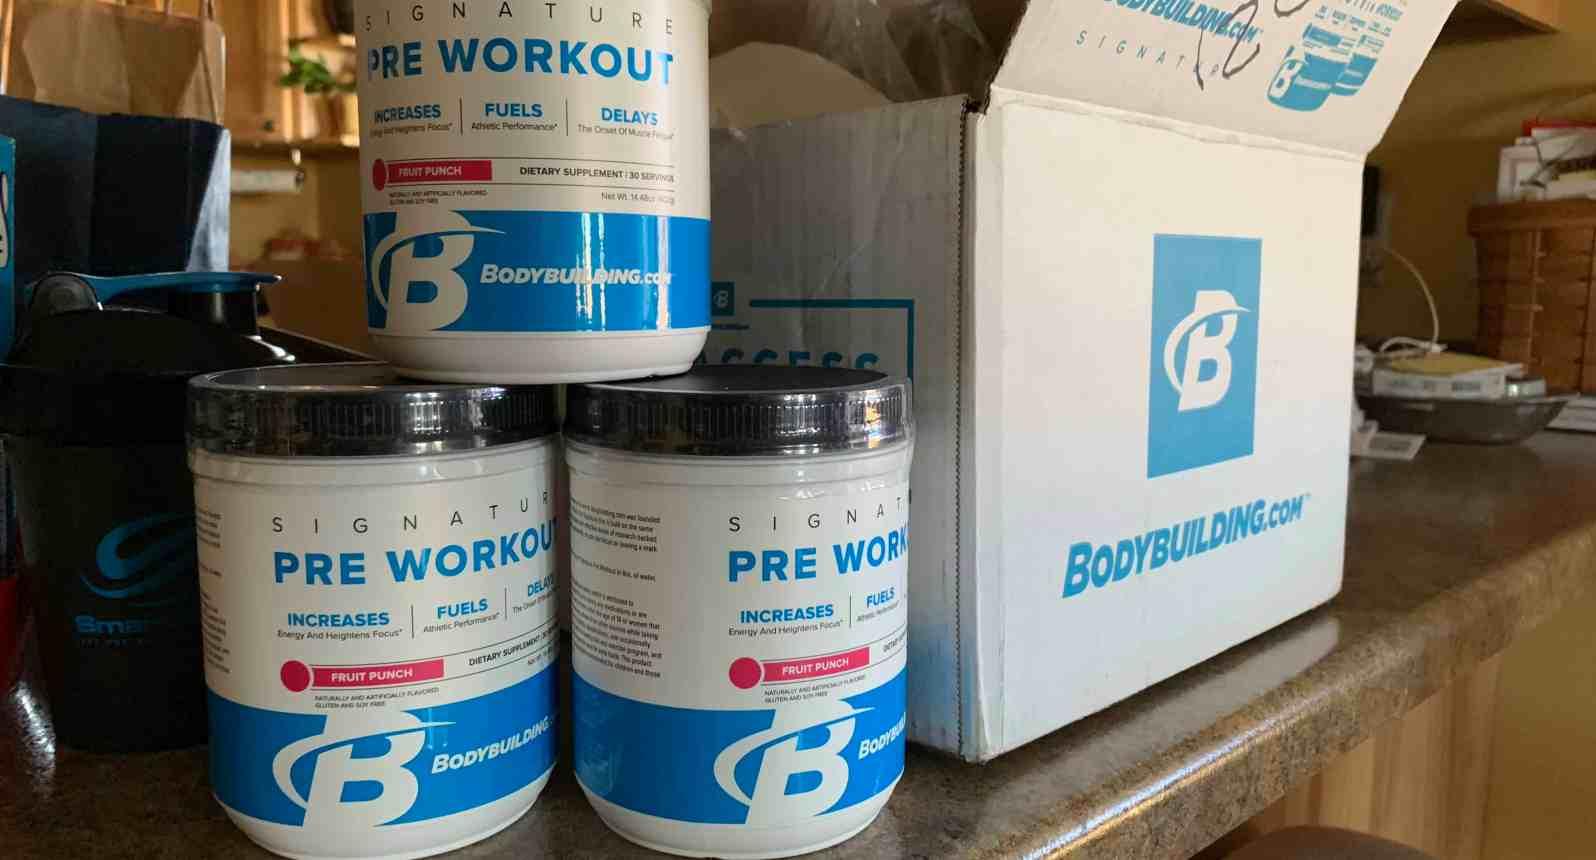 bb.com signature pre workout